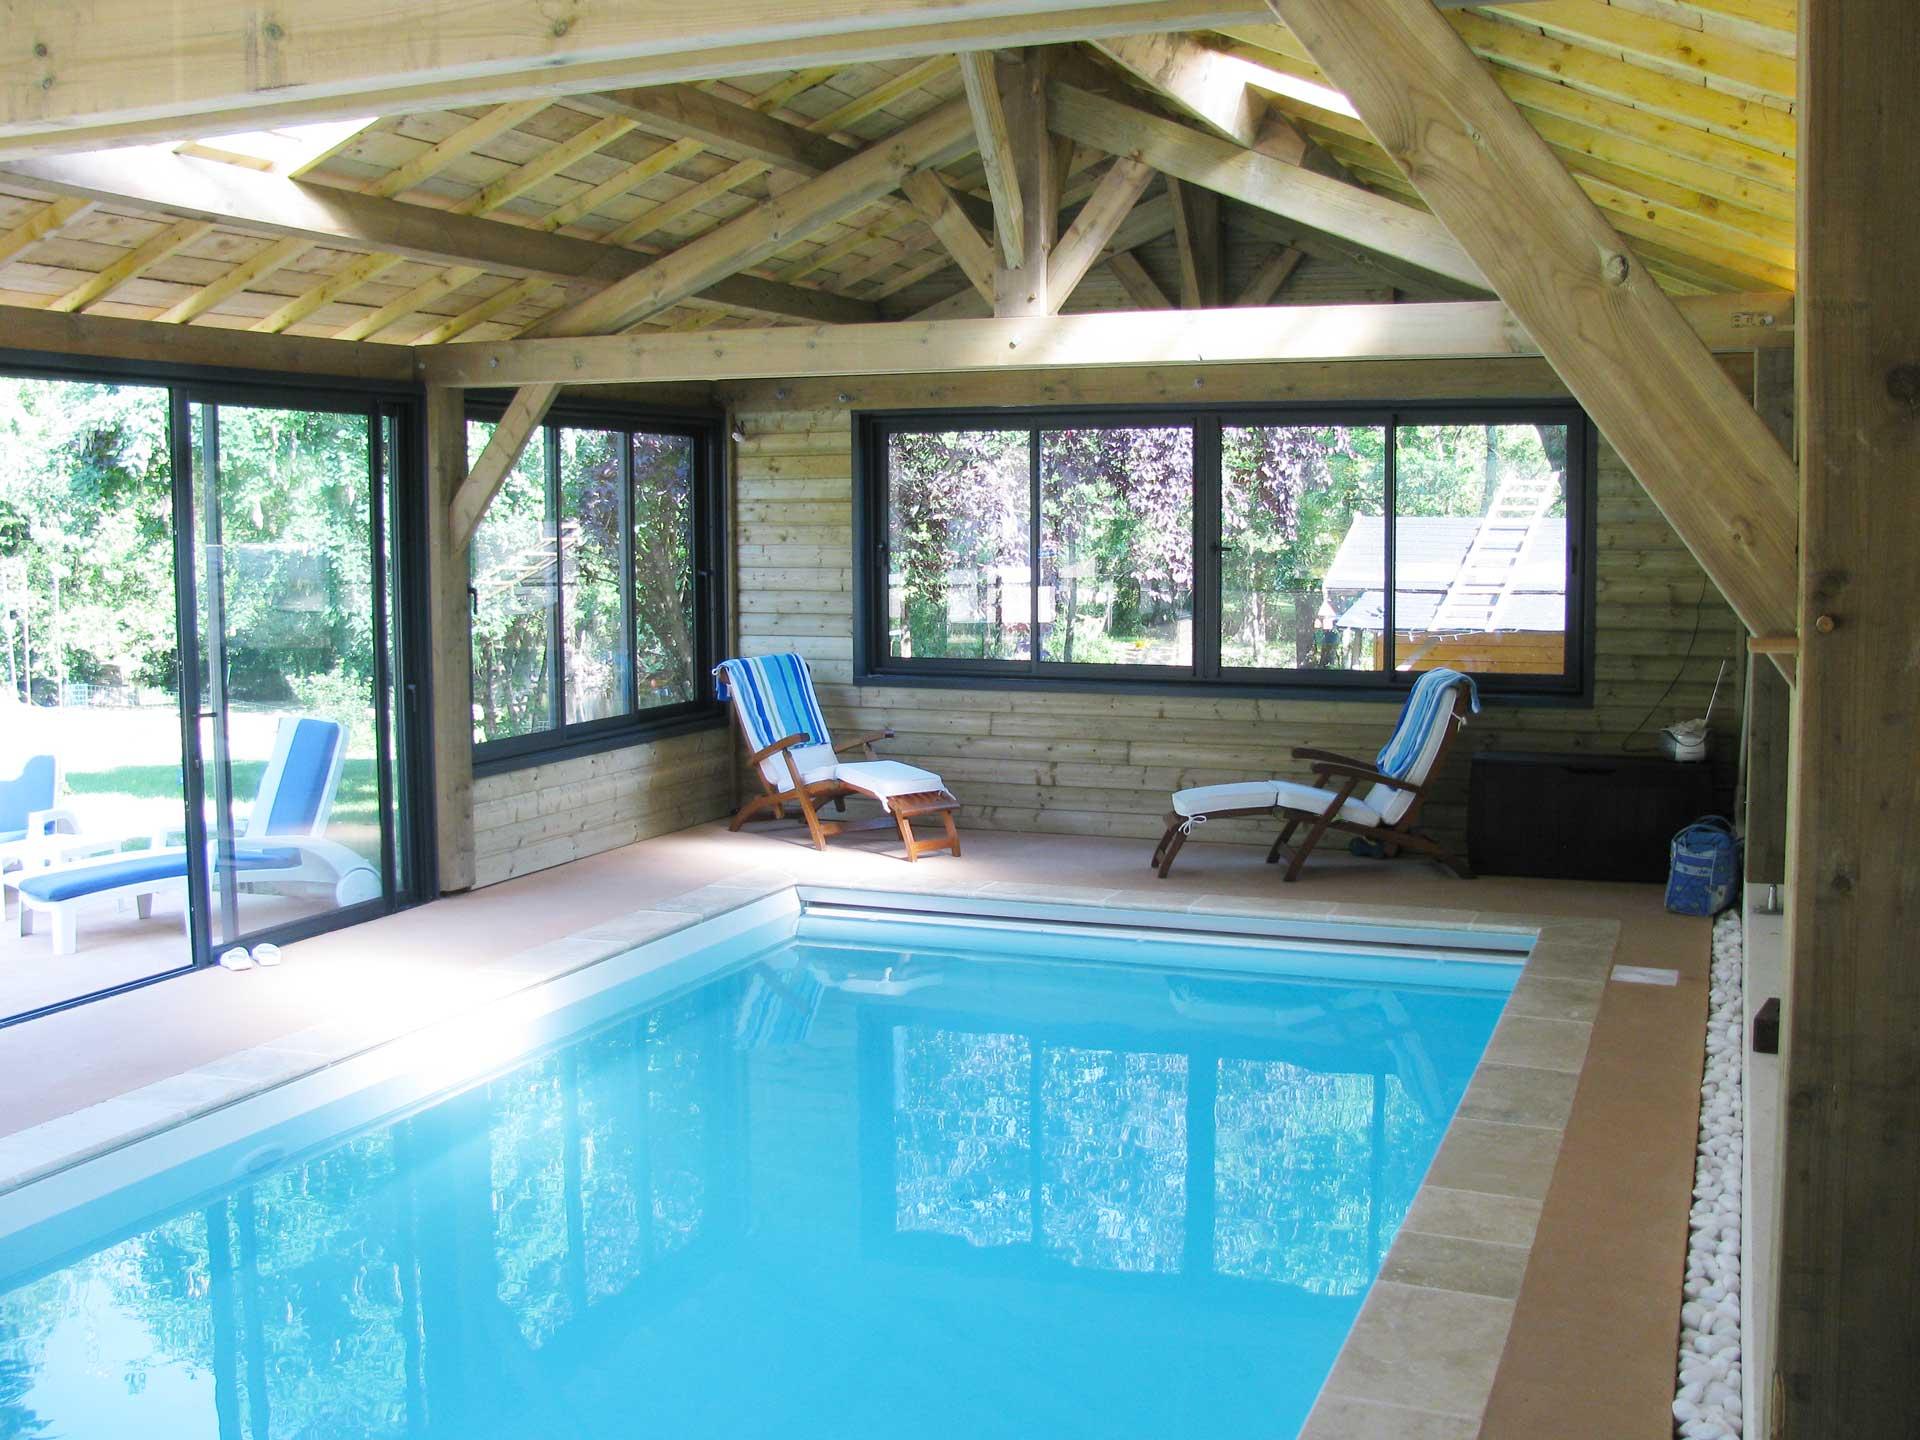 intérieur abri piscine paysagiste bois